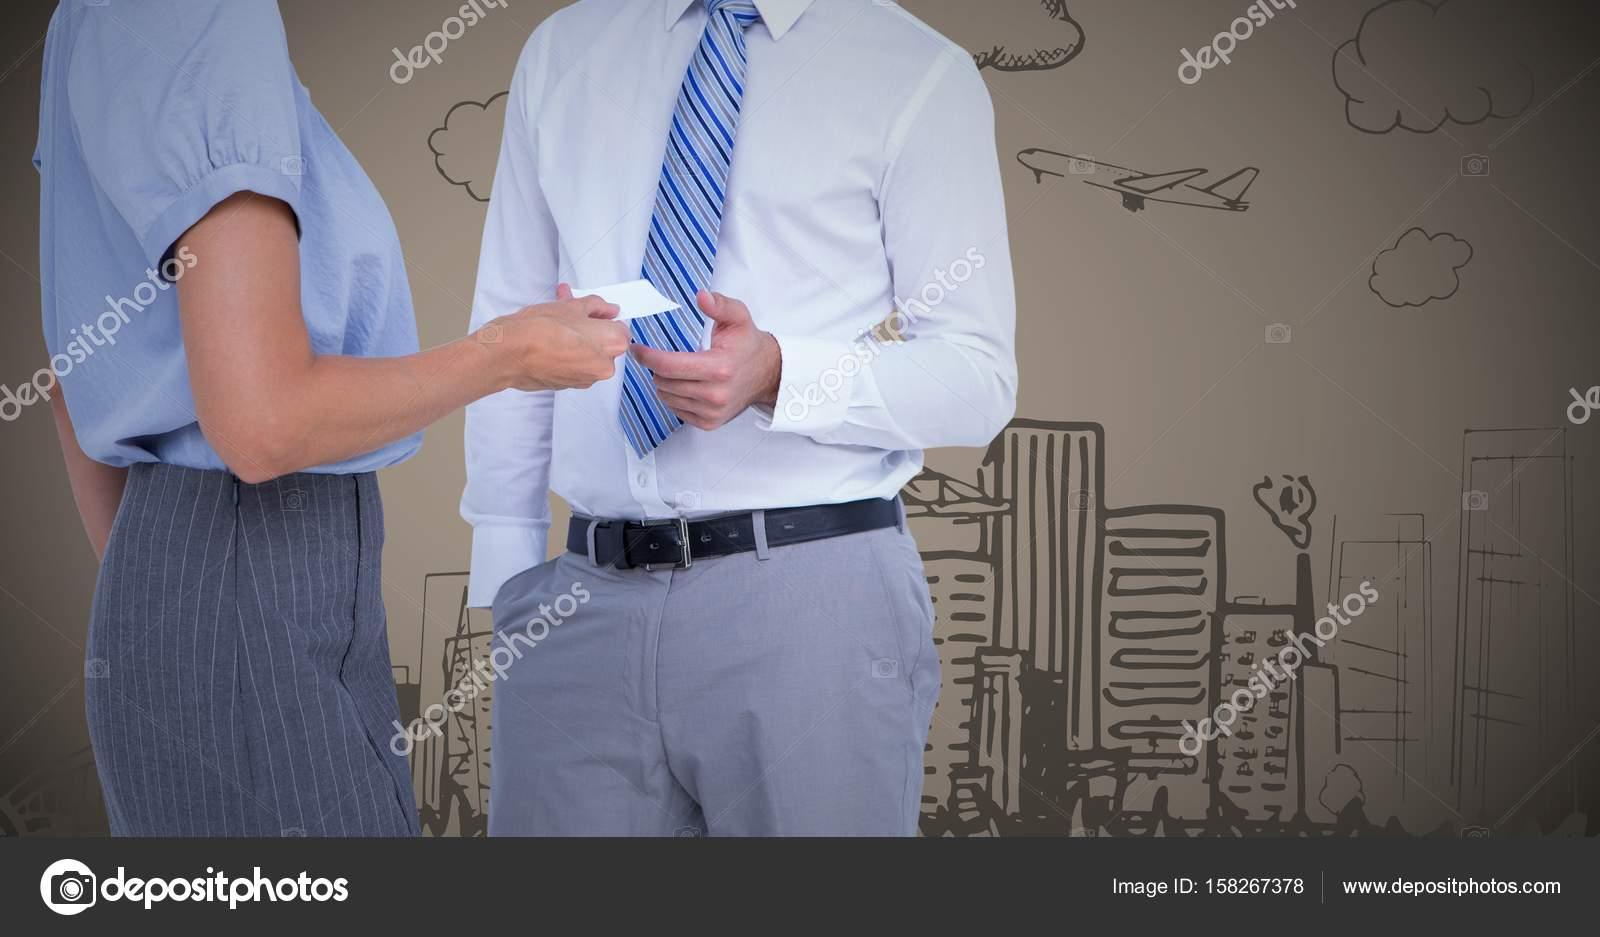 Menschen tauschen Visitenkarte — Stockfoto © vectorfusionart #158267378